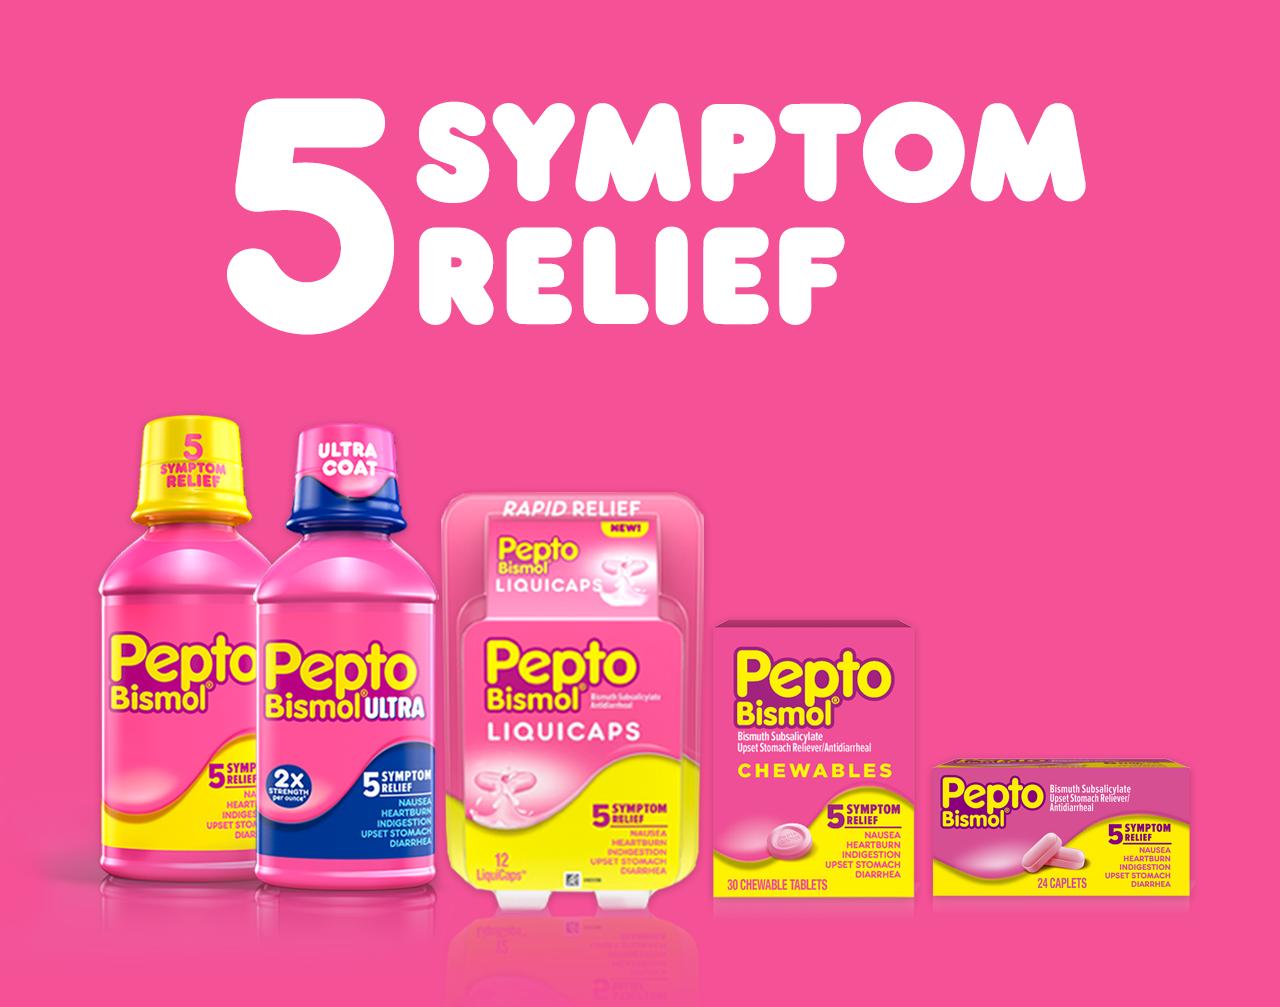 Pepto-Bismol for Nausea, Upset Stomach & Diarrhea Relief